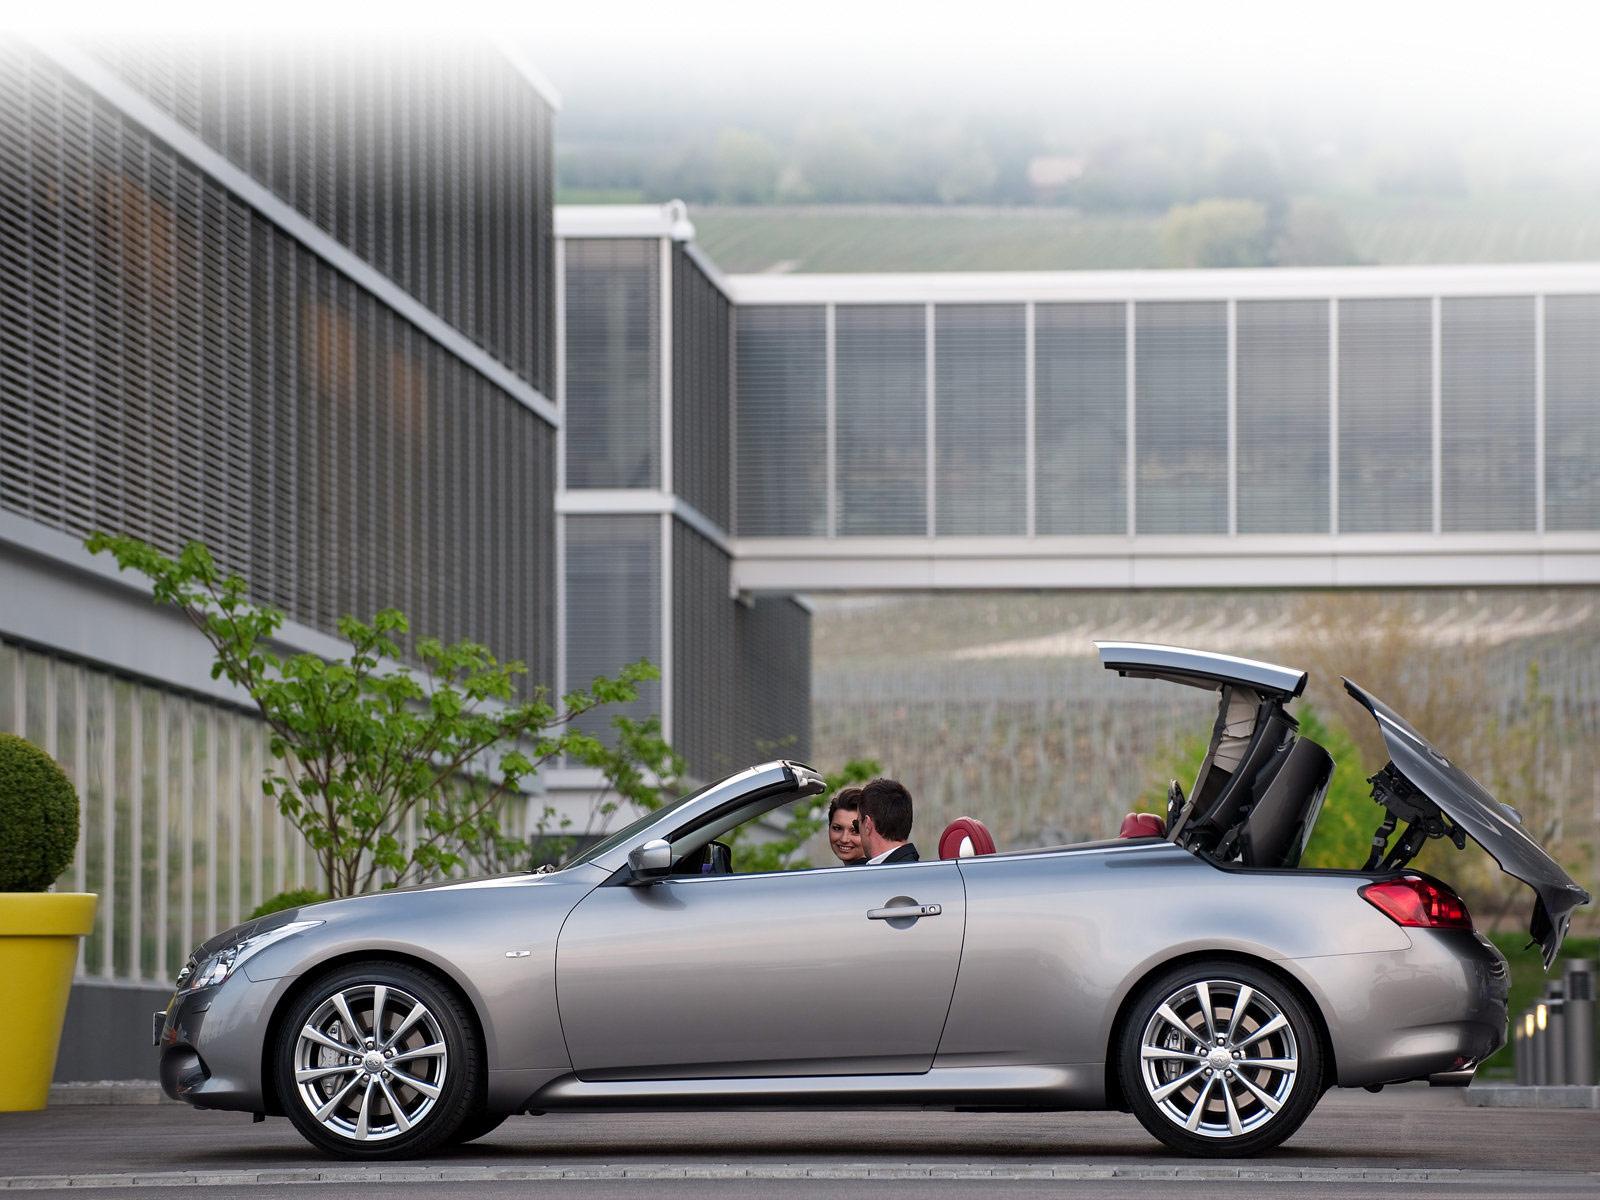 Infiniti Q60, G37, luksusowe auta ze składanym dachem, japońskie samochody, zdjęcia, galeria, ciekawe samochody